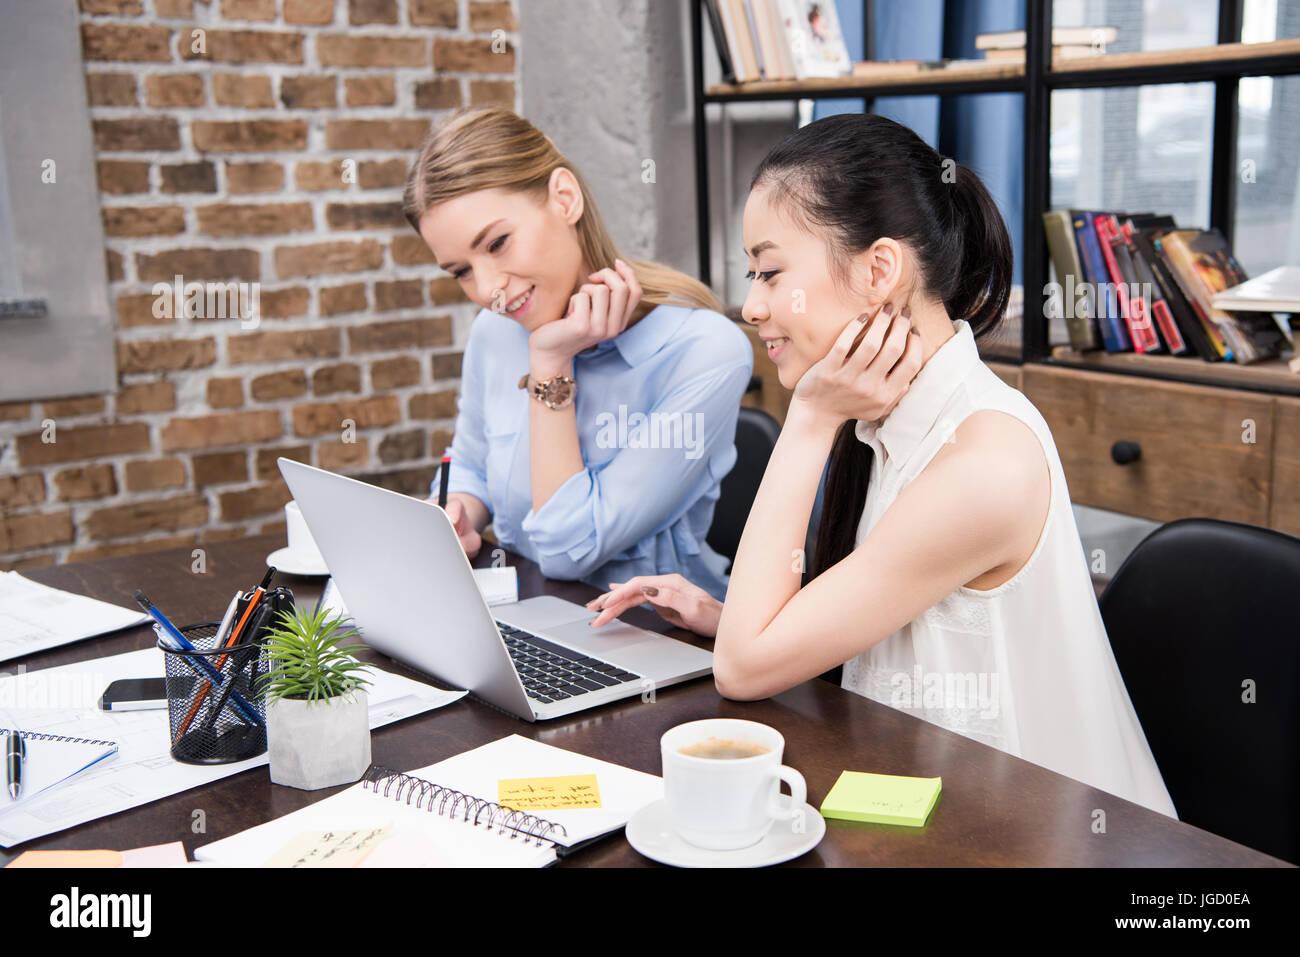 Sorridente imprenditrici multiculturale lavora con laptop e seduti al posto di lavoro Immagini Stock